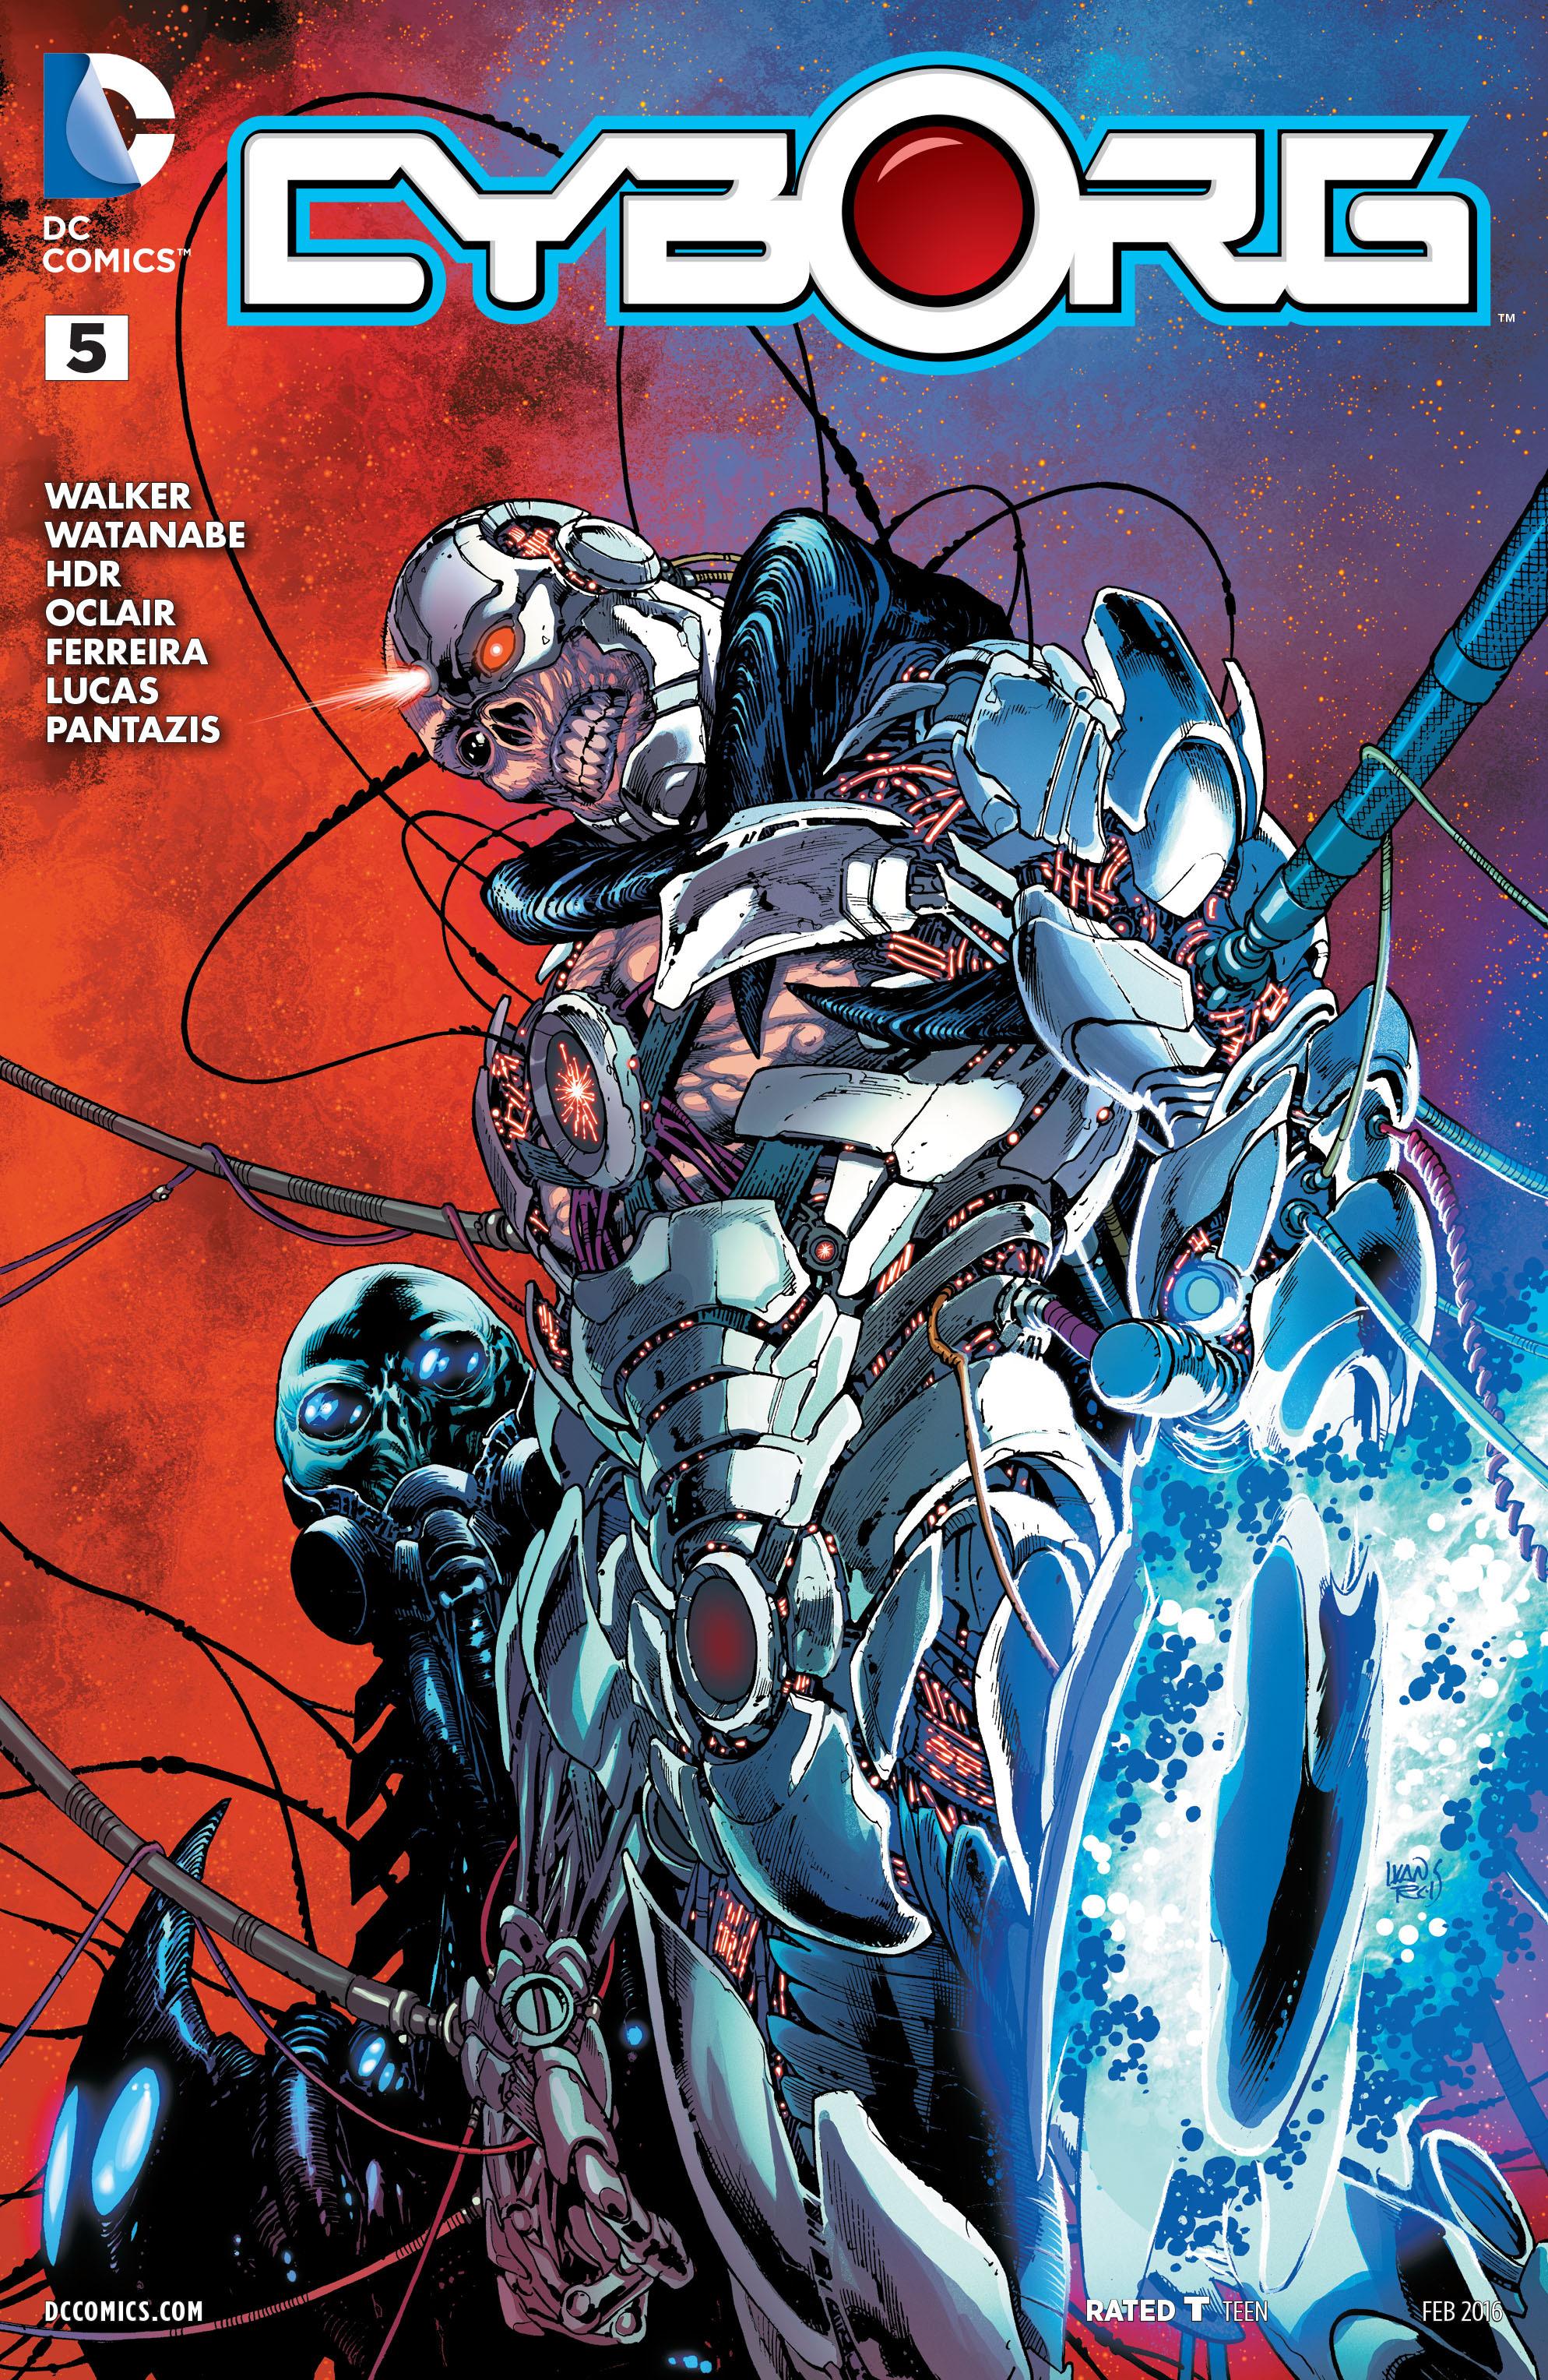 Cyborg Vol 1 5 Dc Database Fandom Powered By Wikia